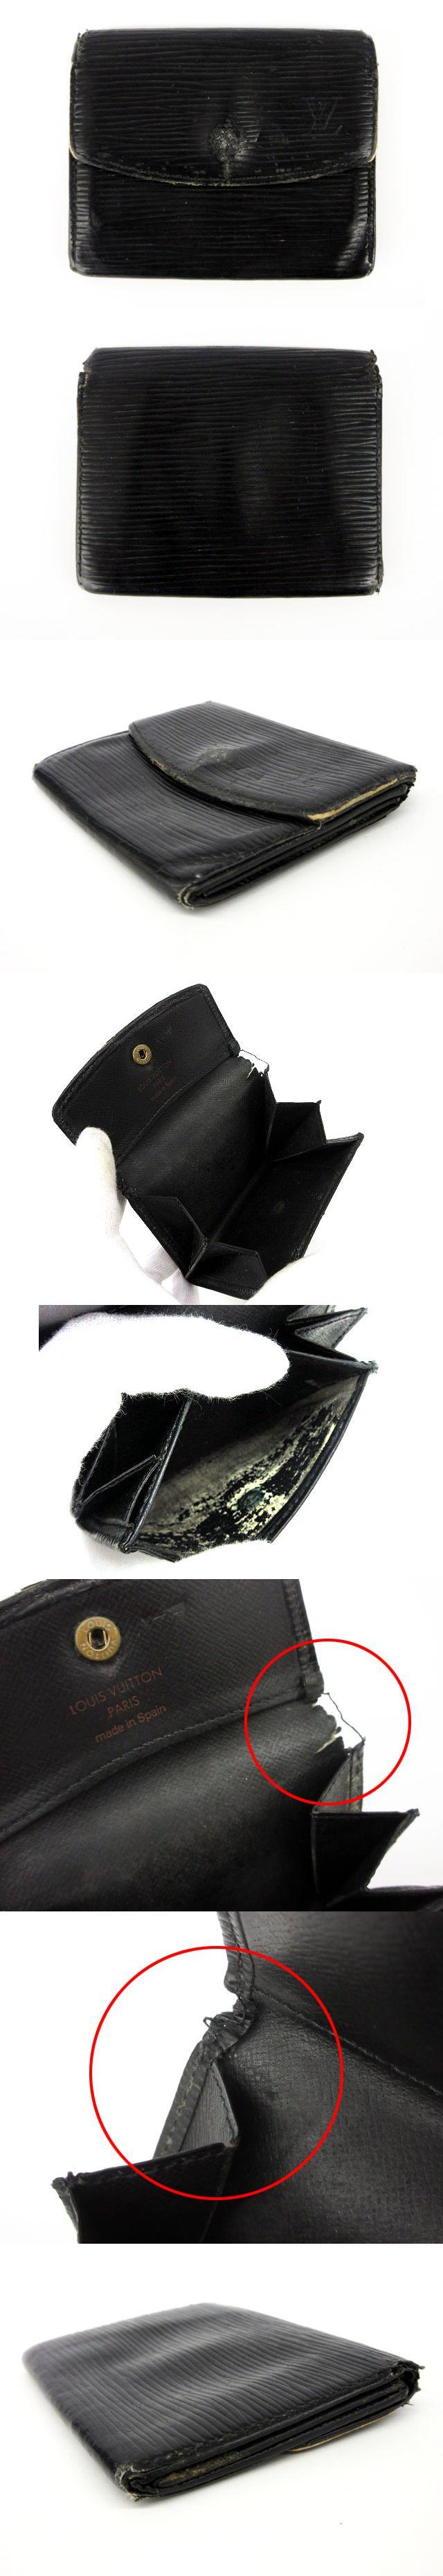 ポルト モネ・サーンプル エピ 財布 コインケース 小銭入れ 黒 ブラック M63412 /an